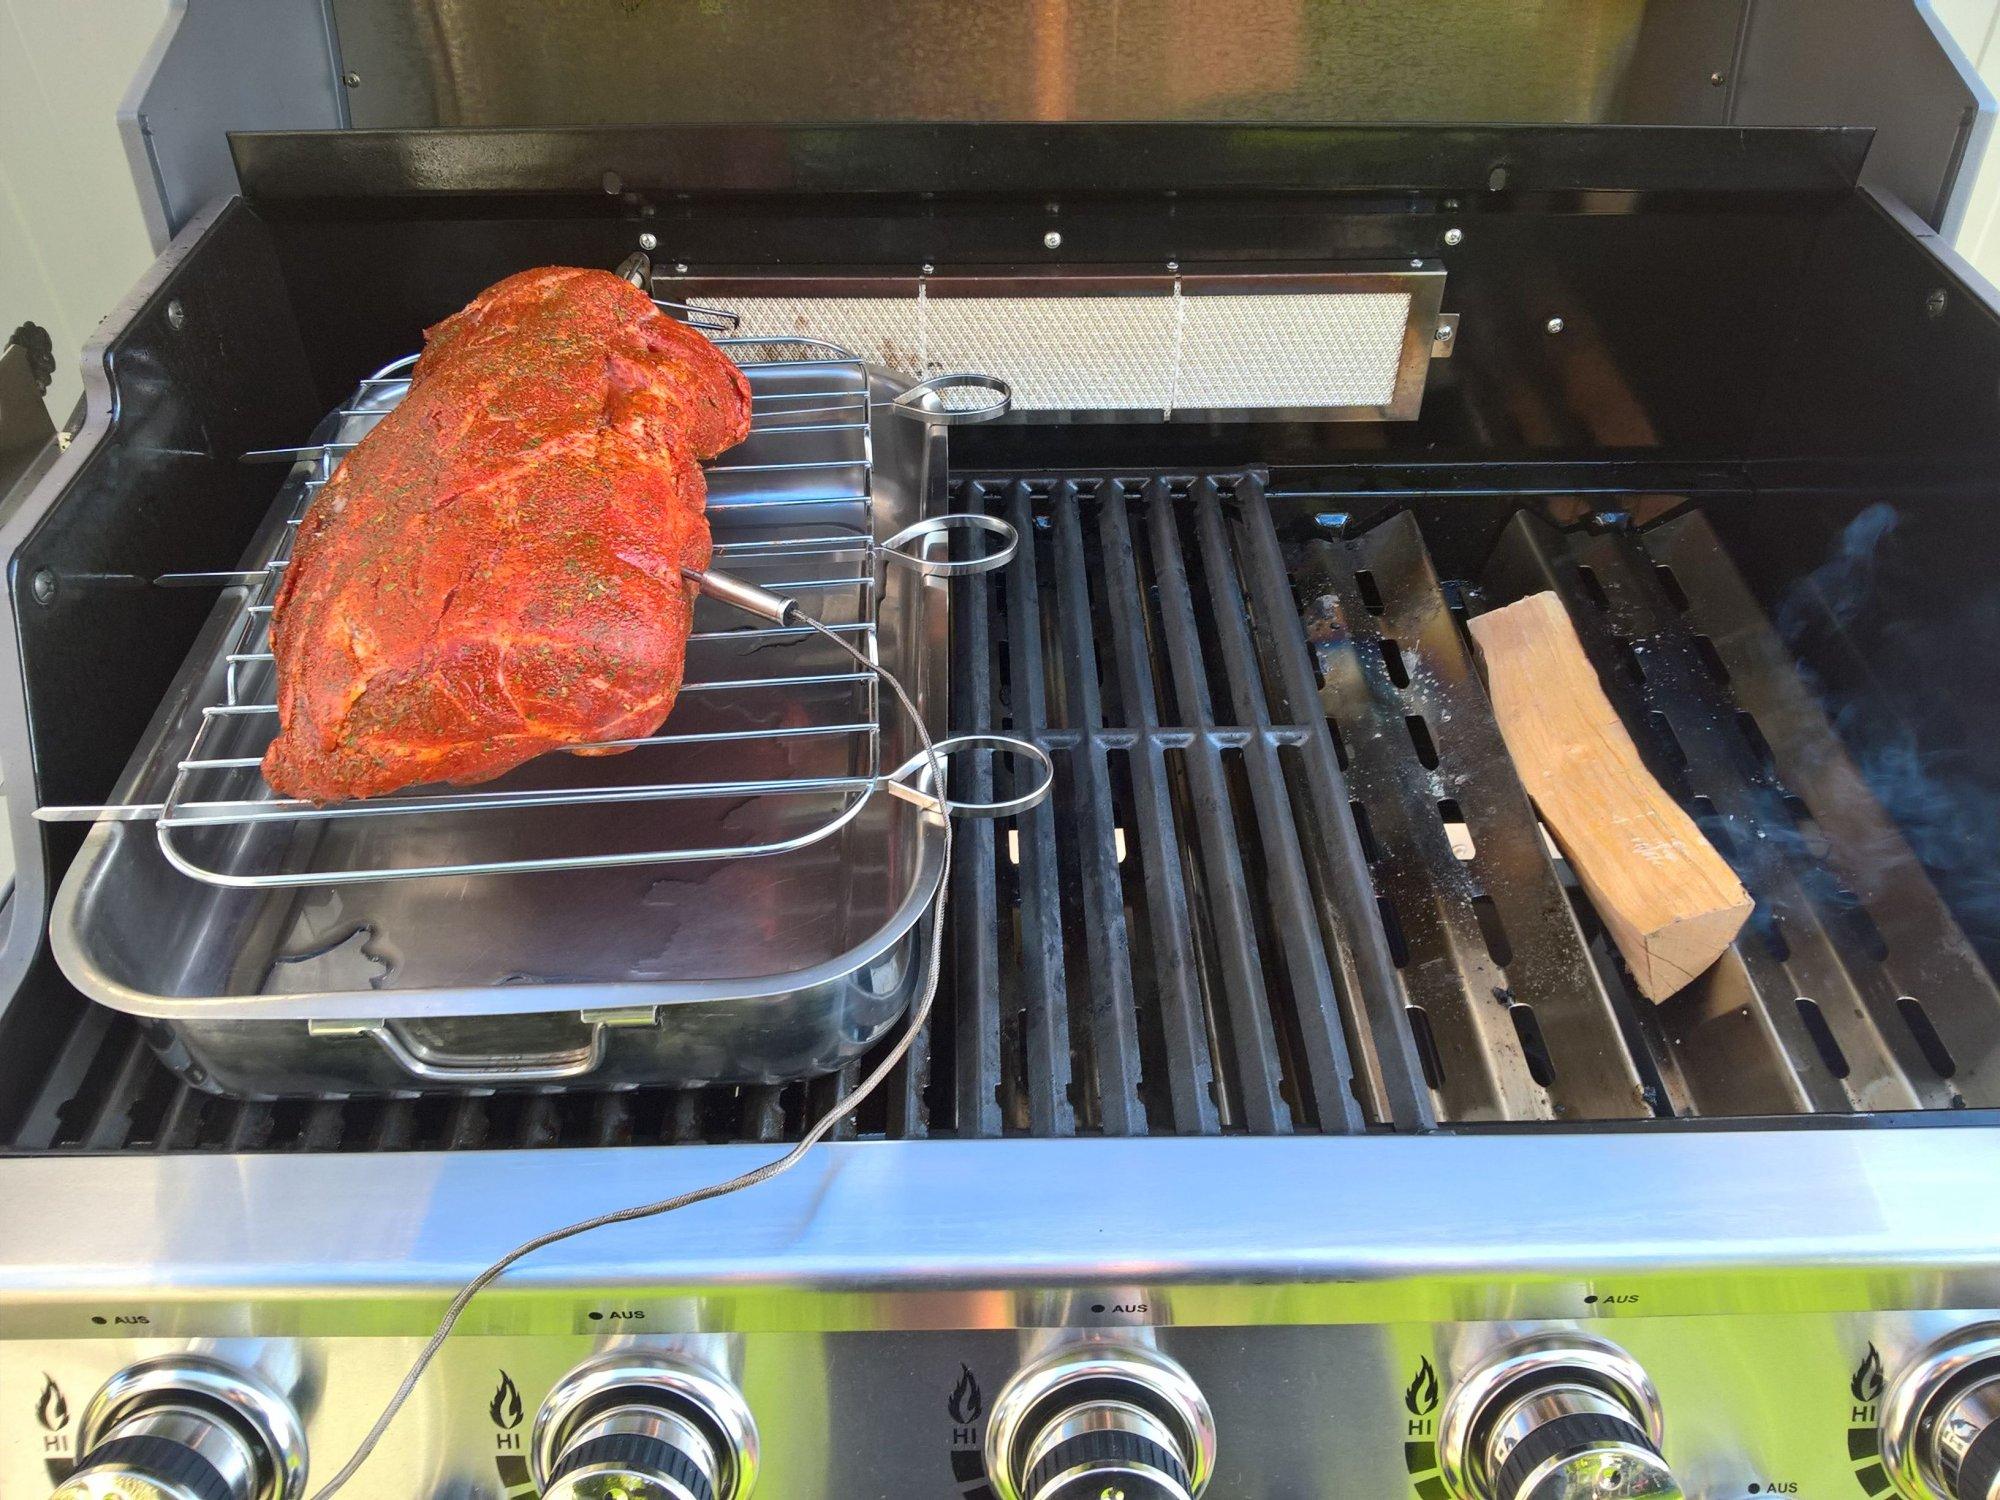 Gsv Pulled Pork Gasgrill : Pulled pork desaster mit dem spirit grillforum und bbq